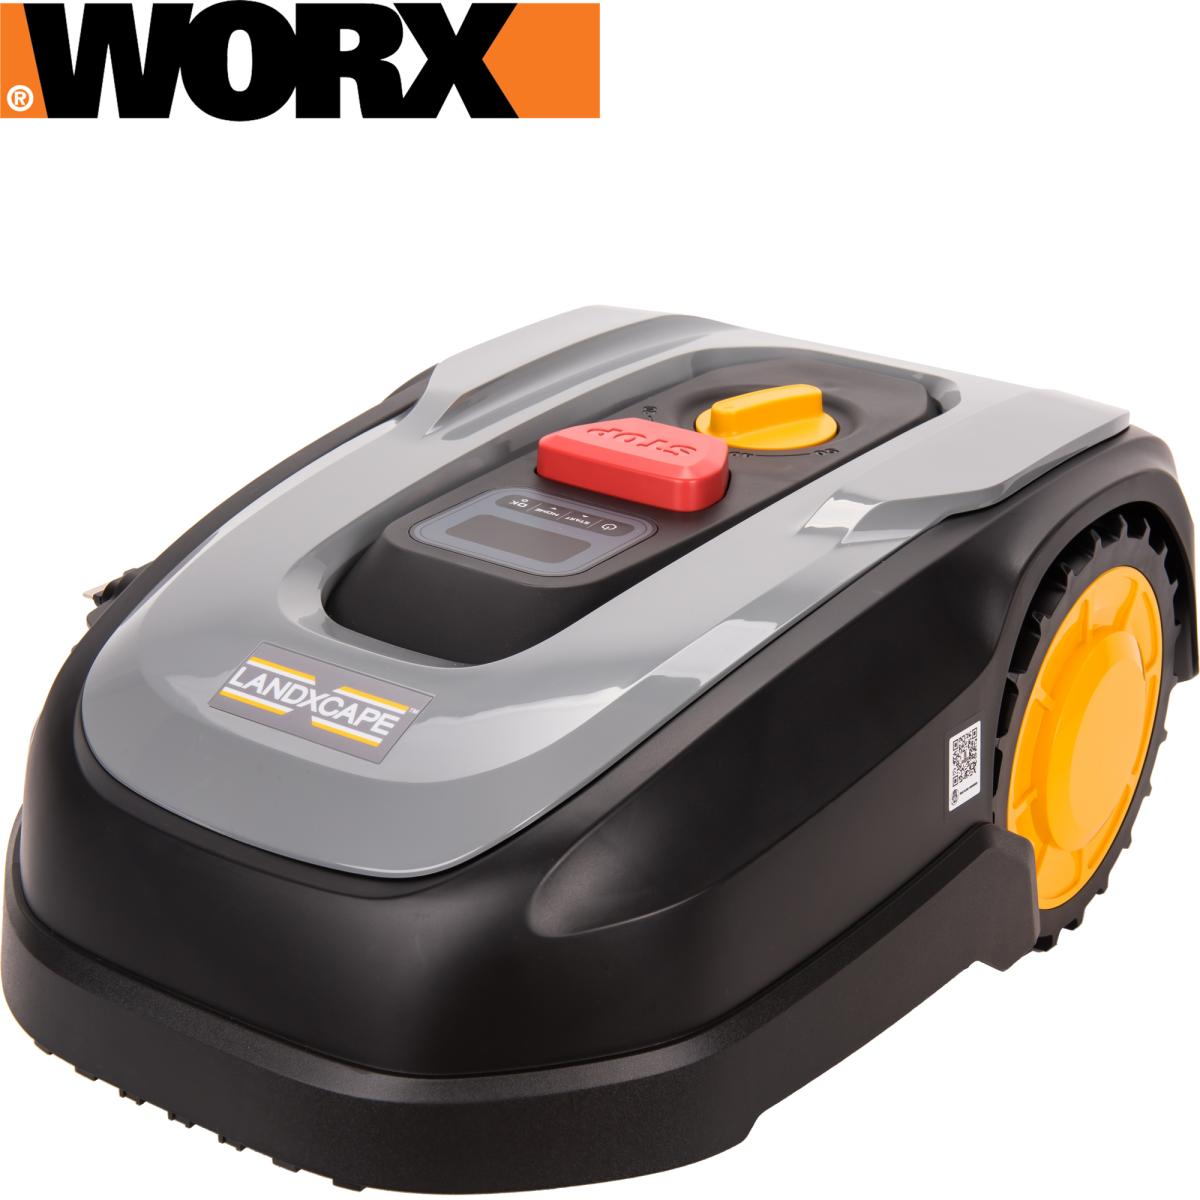 Газонокосилка-робот Landxcape 500 LX797